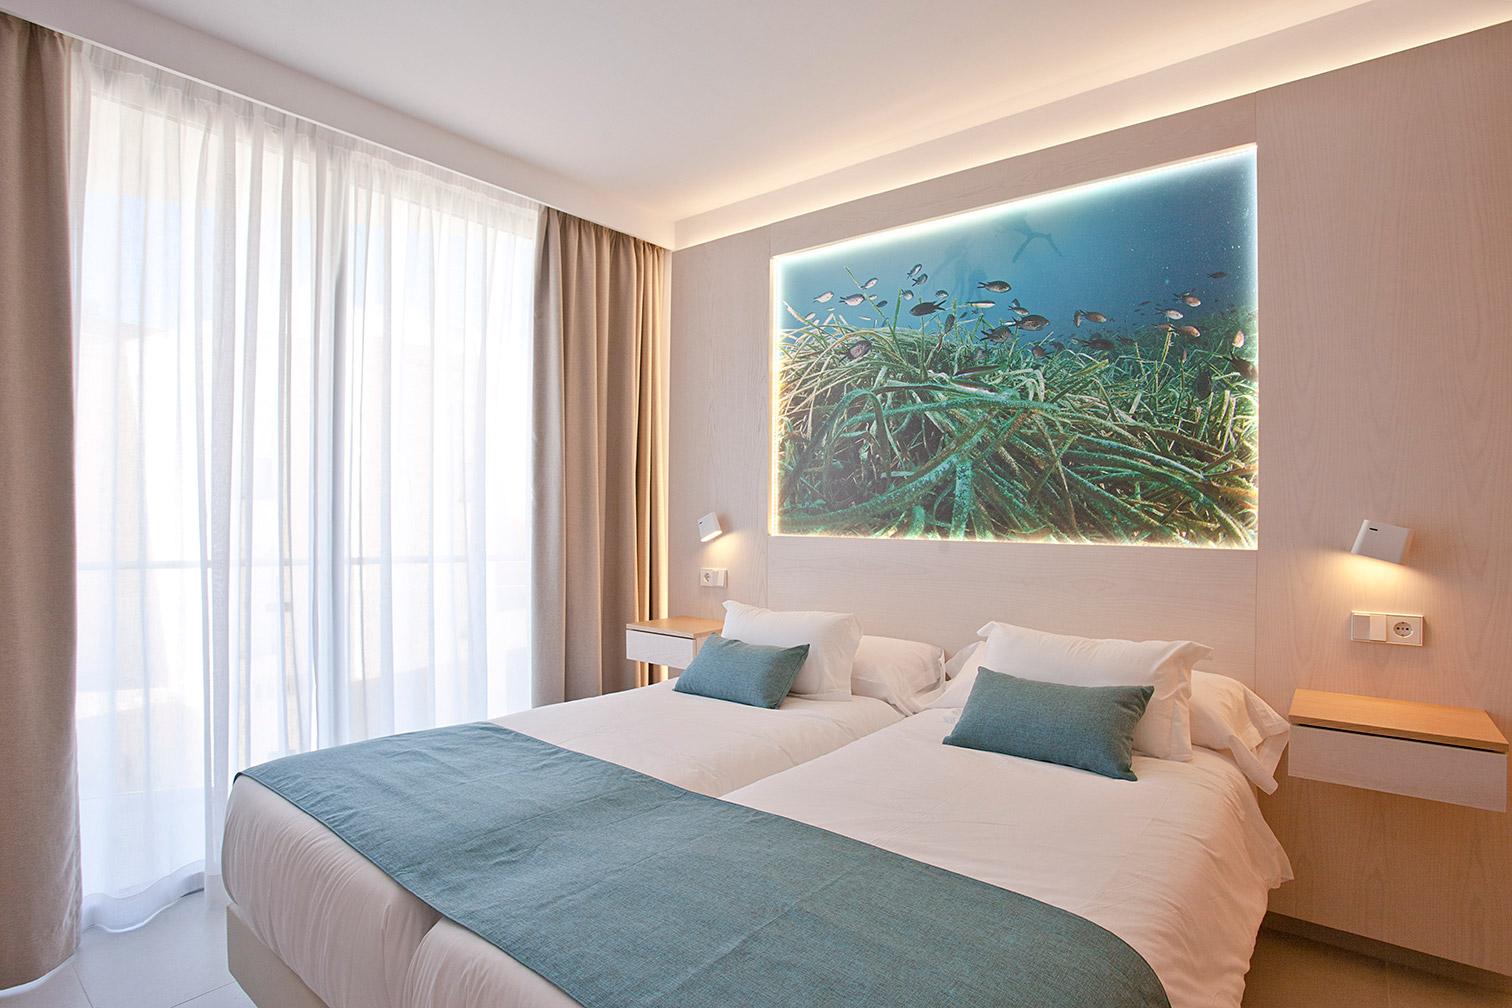 Dormitorio con 2 camas individuales y un cuadro con posidonia